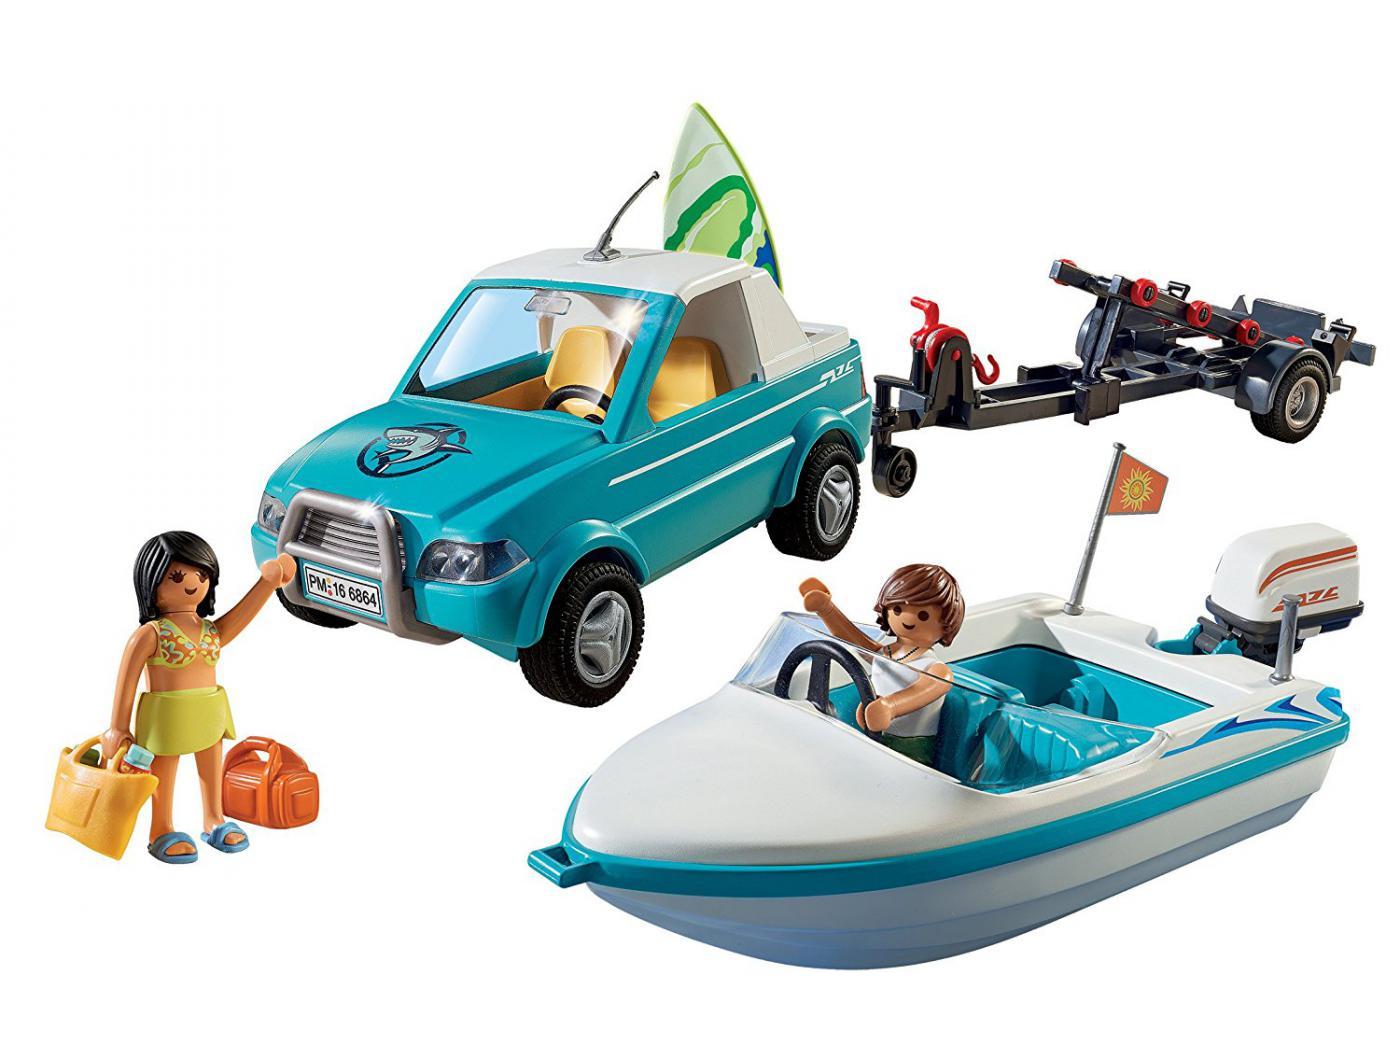 playmobil voiture avec bateau et moteur submersible. Black Bedroom Furniture Sets. Home Design Ideas